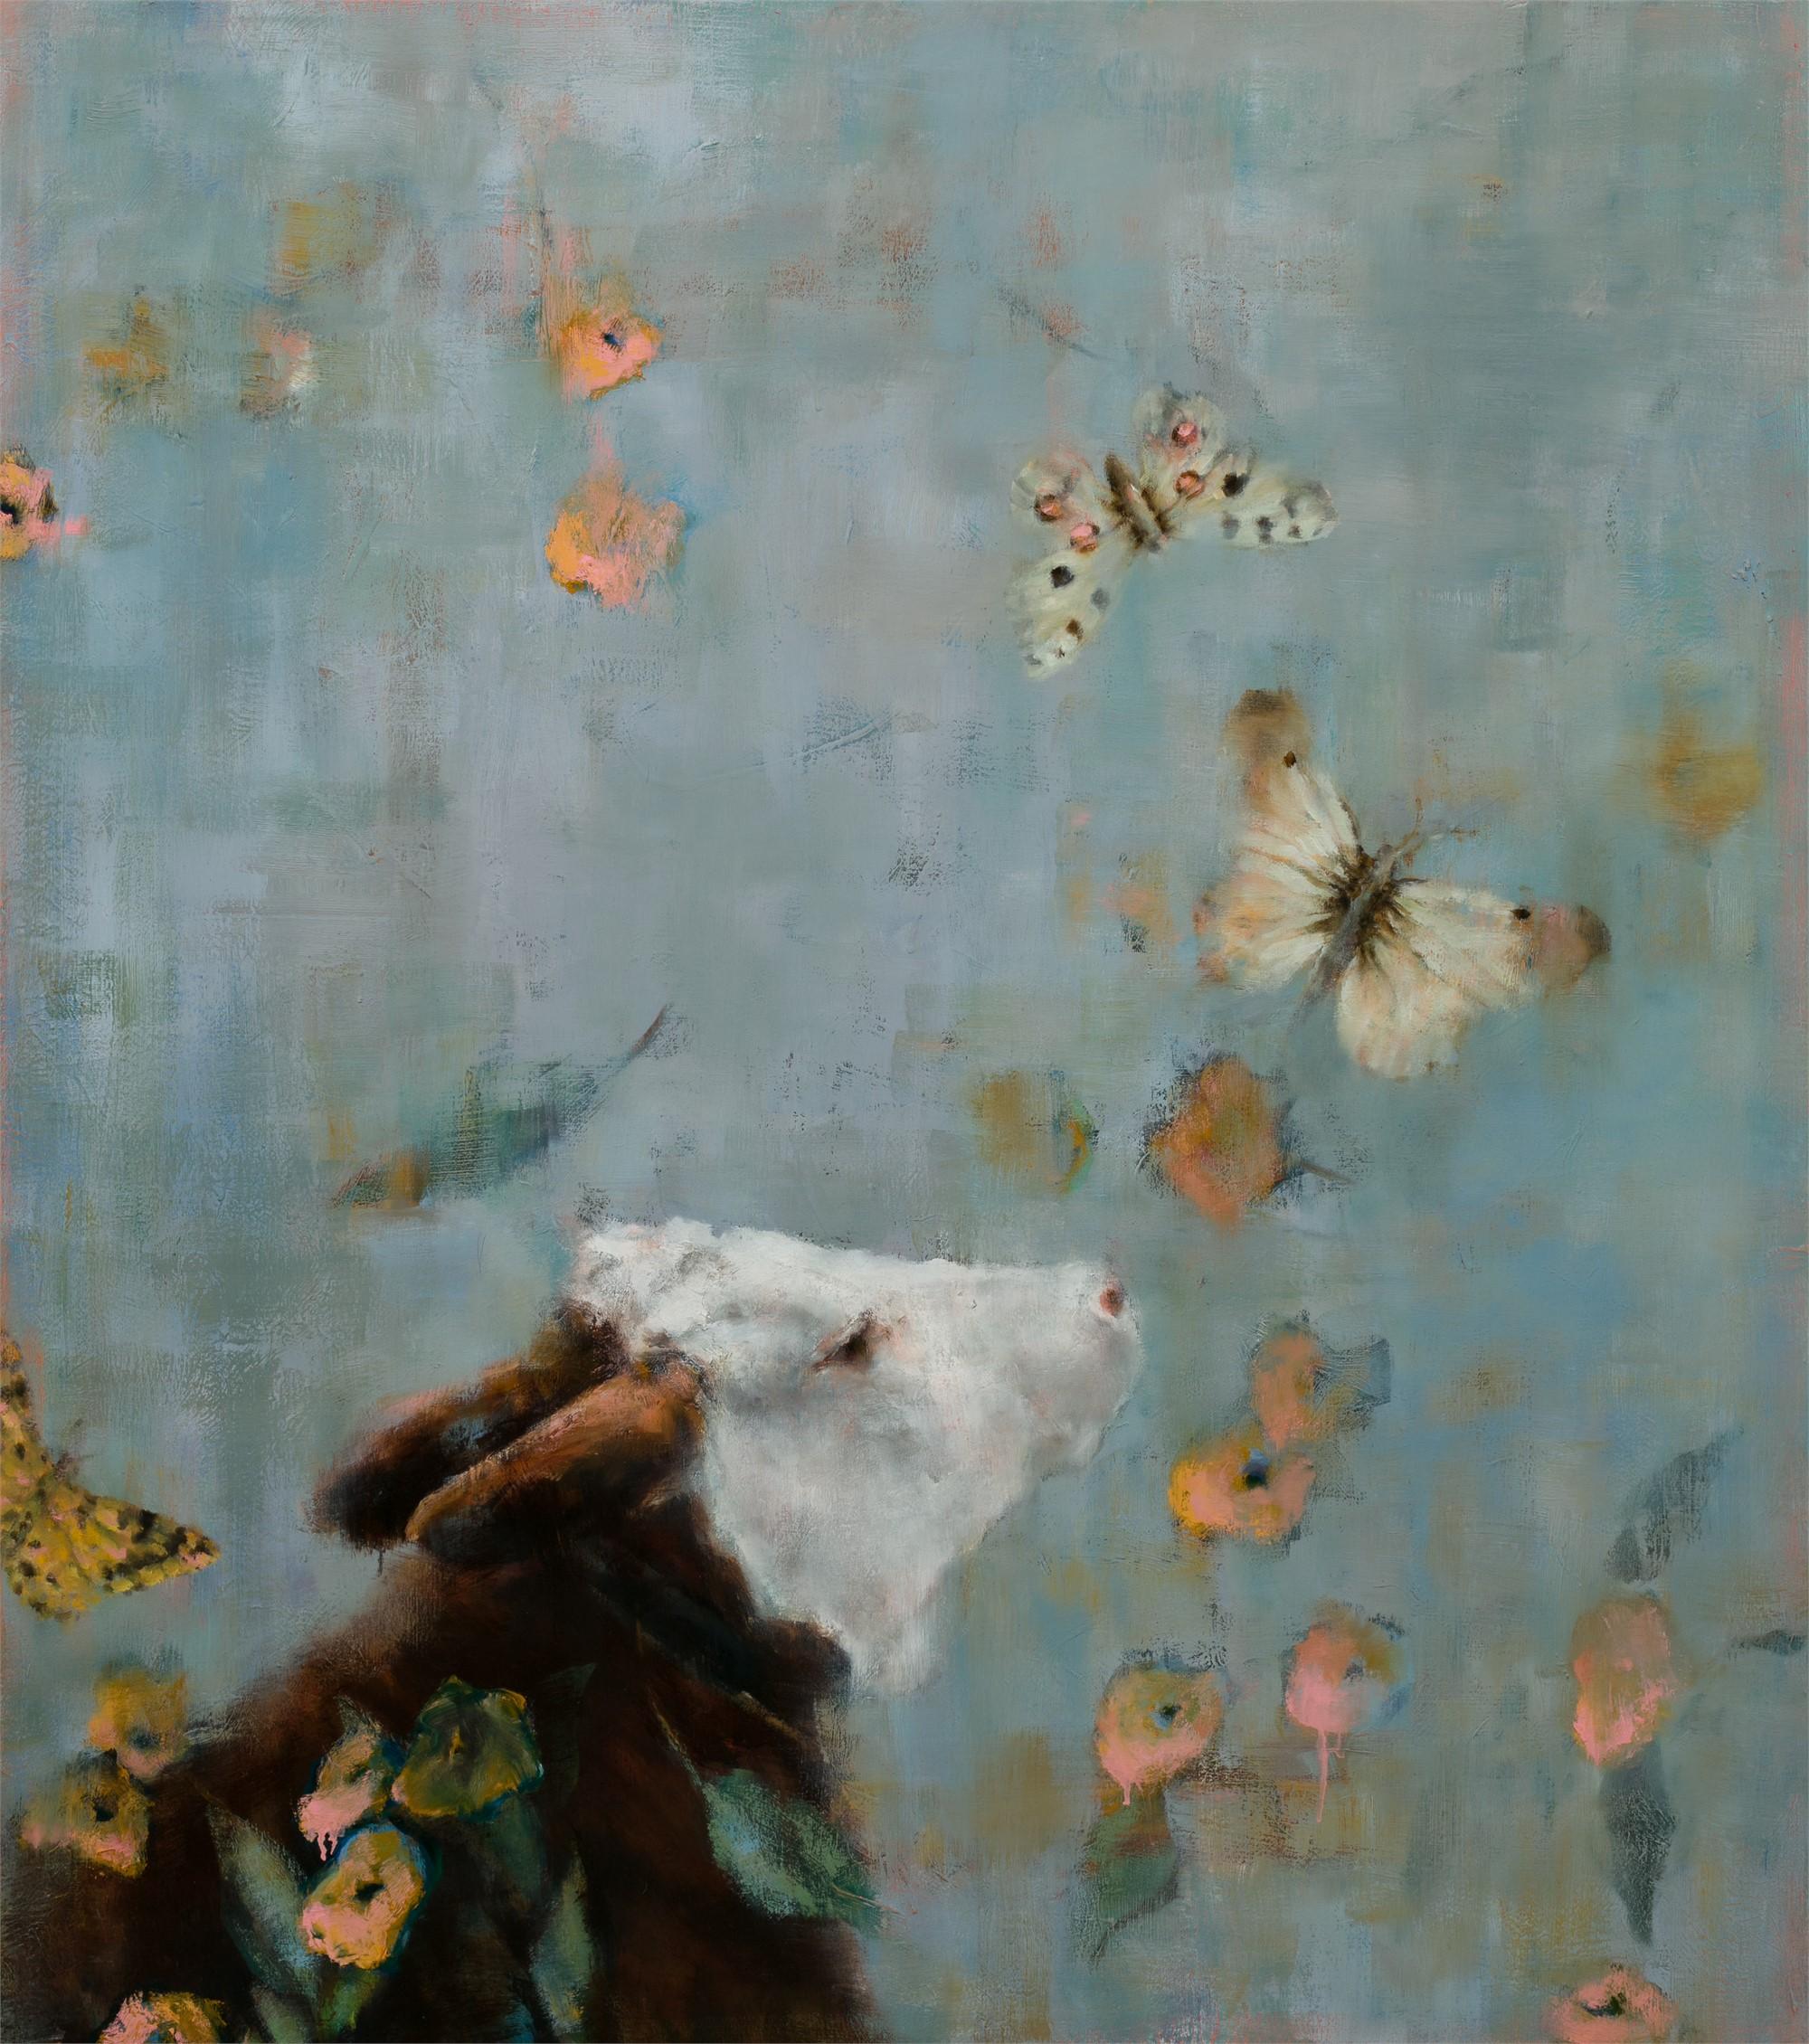 Migration by Elsa Sroka